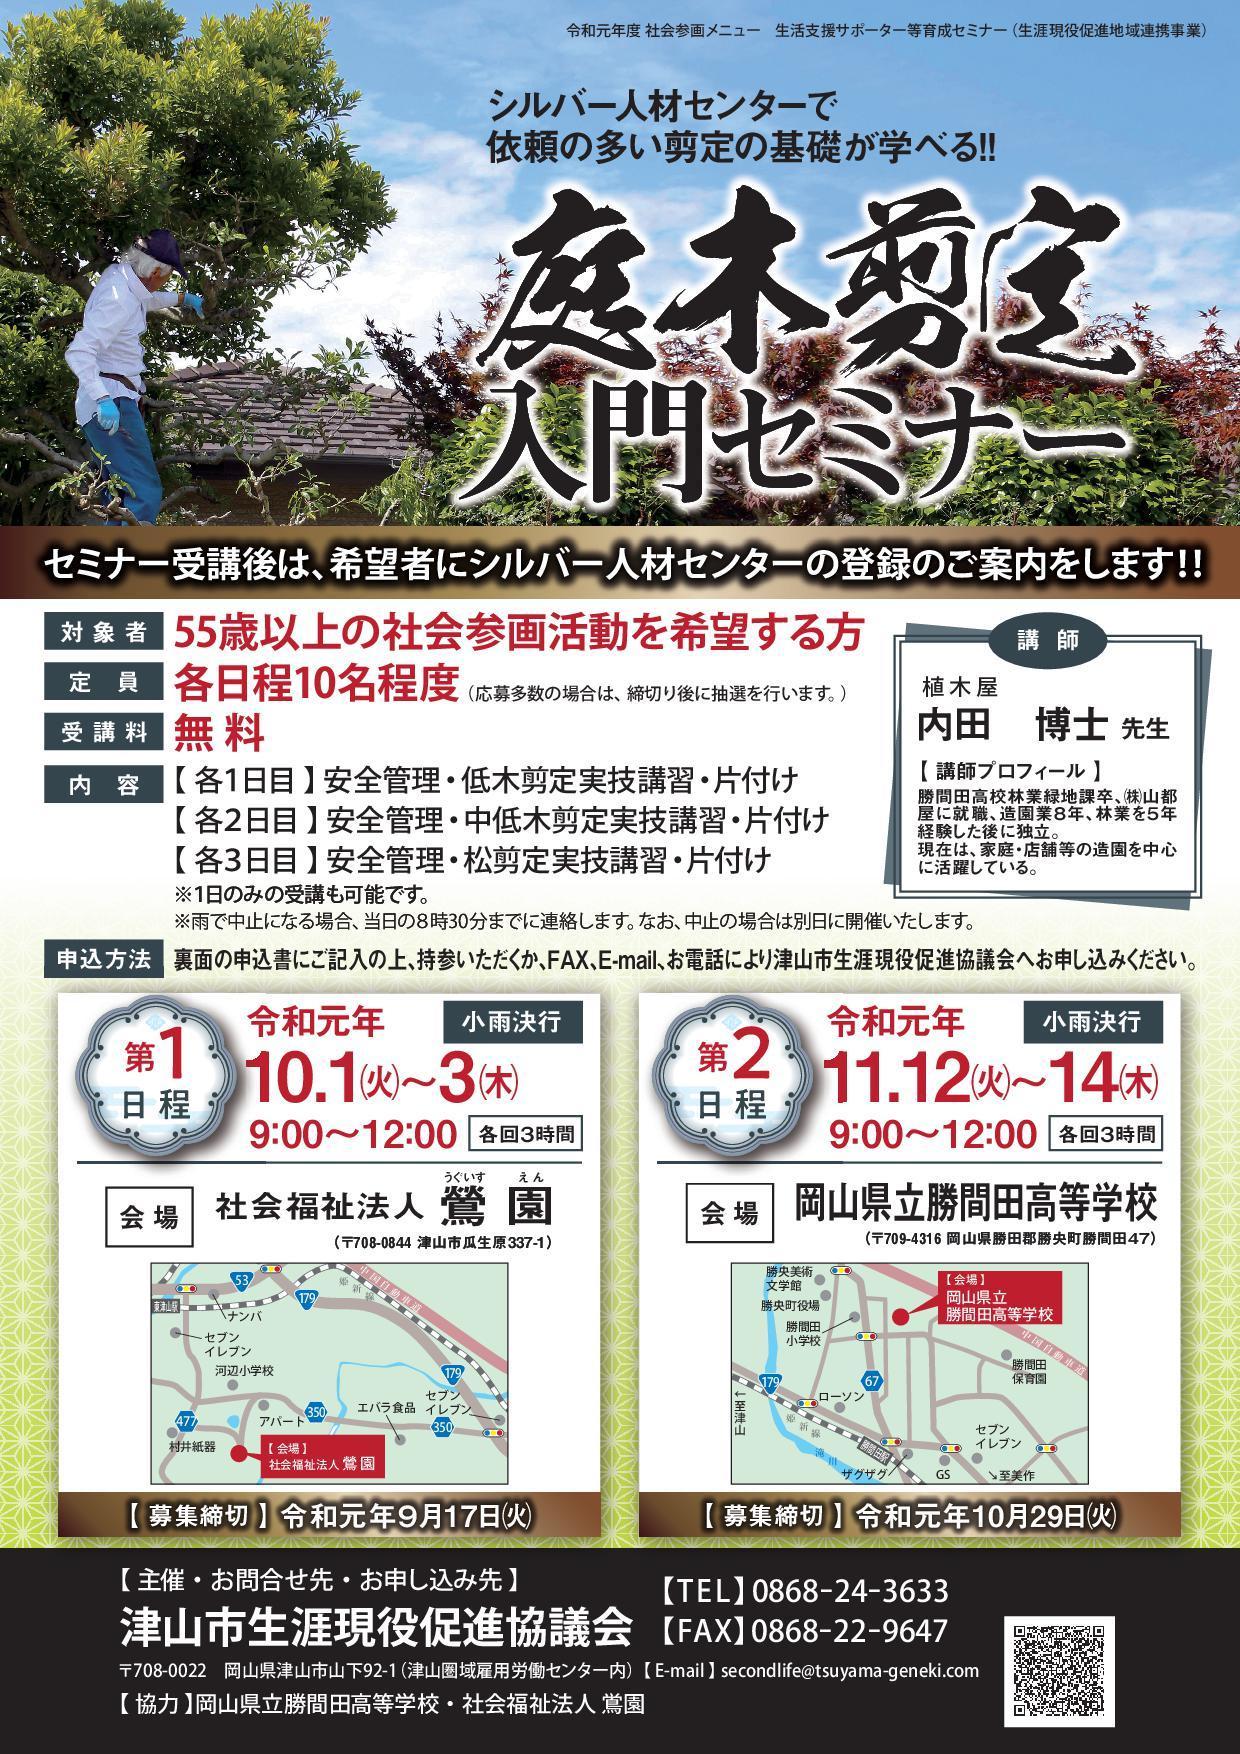 2019年10月1日(火)~3日(木)開催 庭木剪定入門セミナー参加者募集のお知らせ